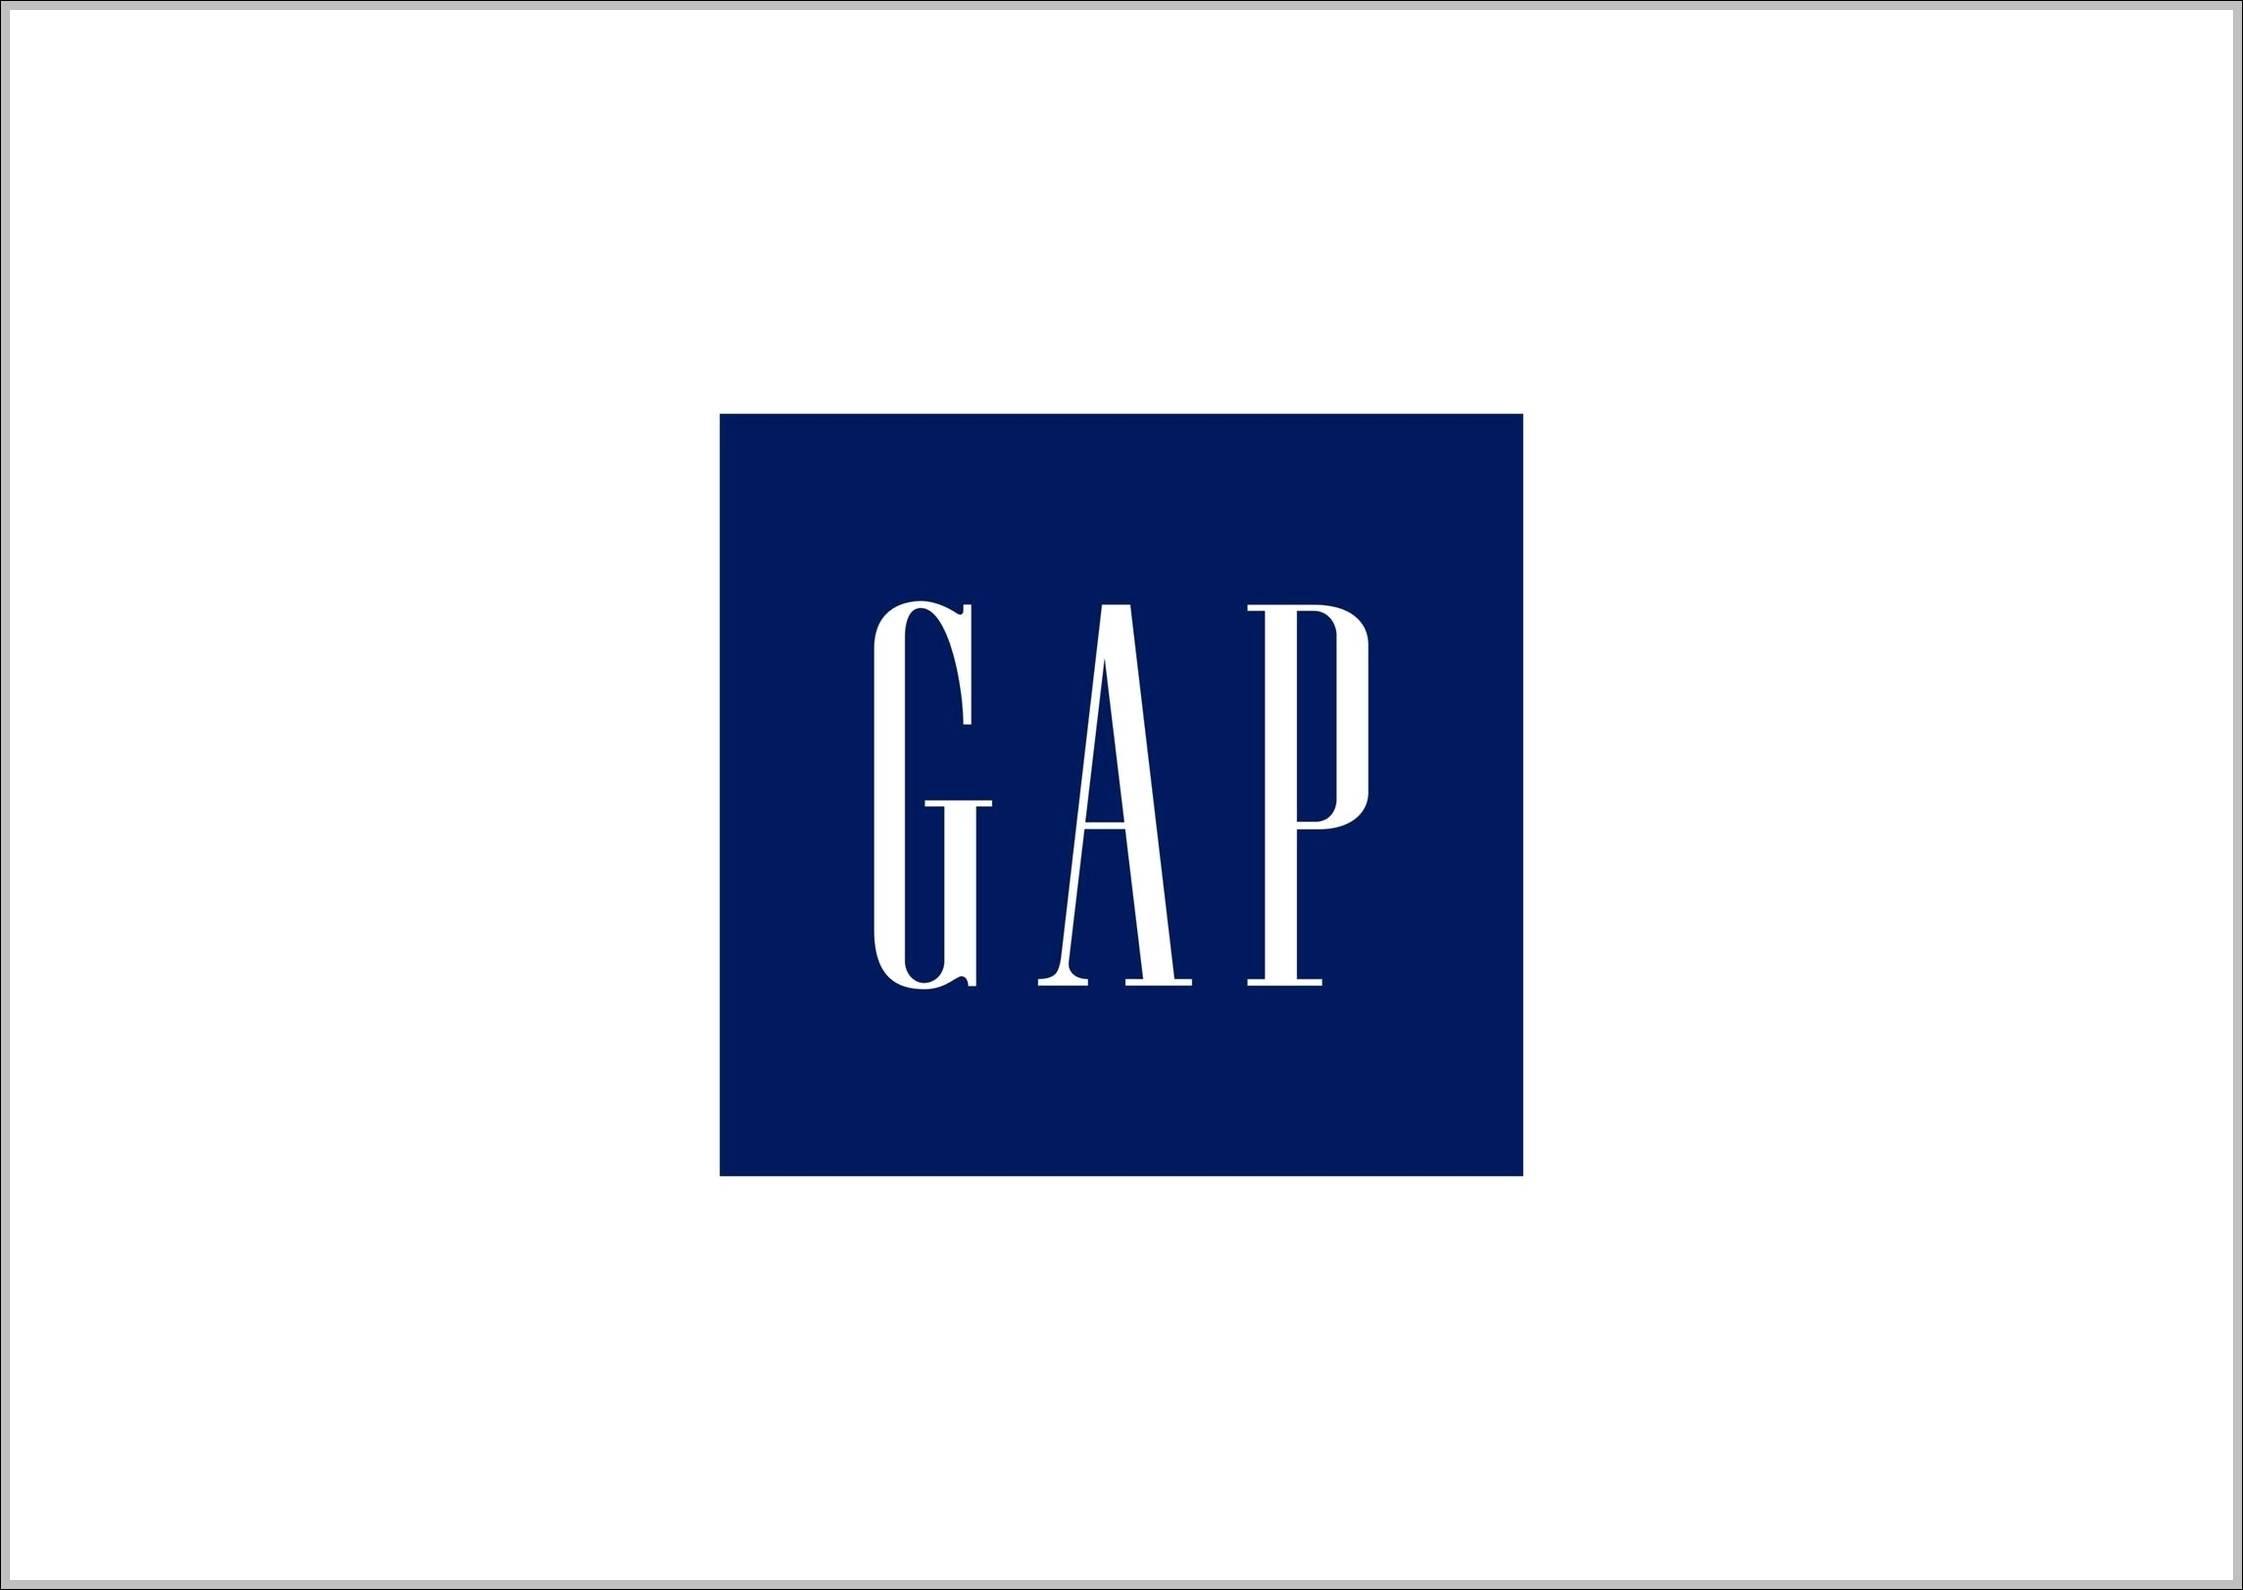 gap trademark | Logo Sign - Logos, Signs, Symbols ...